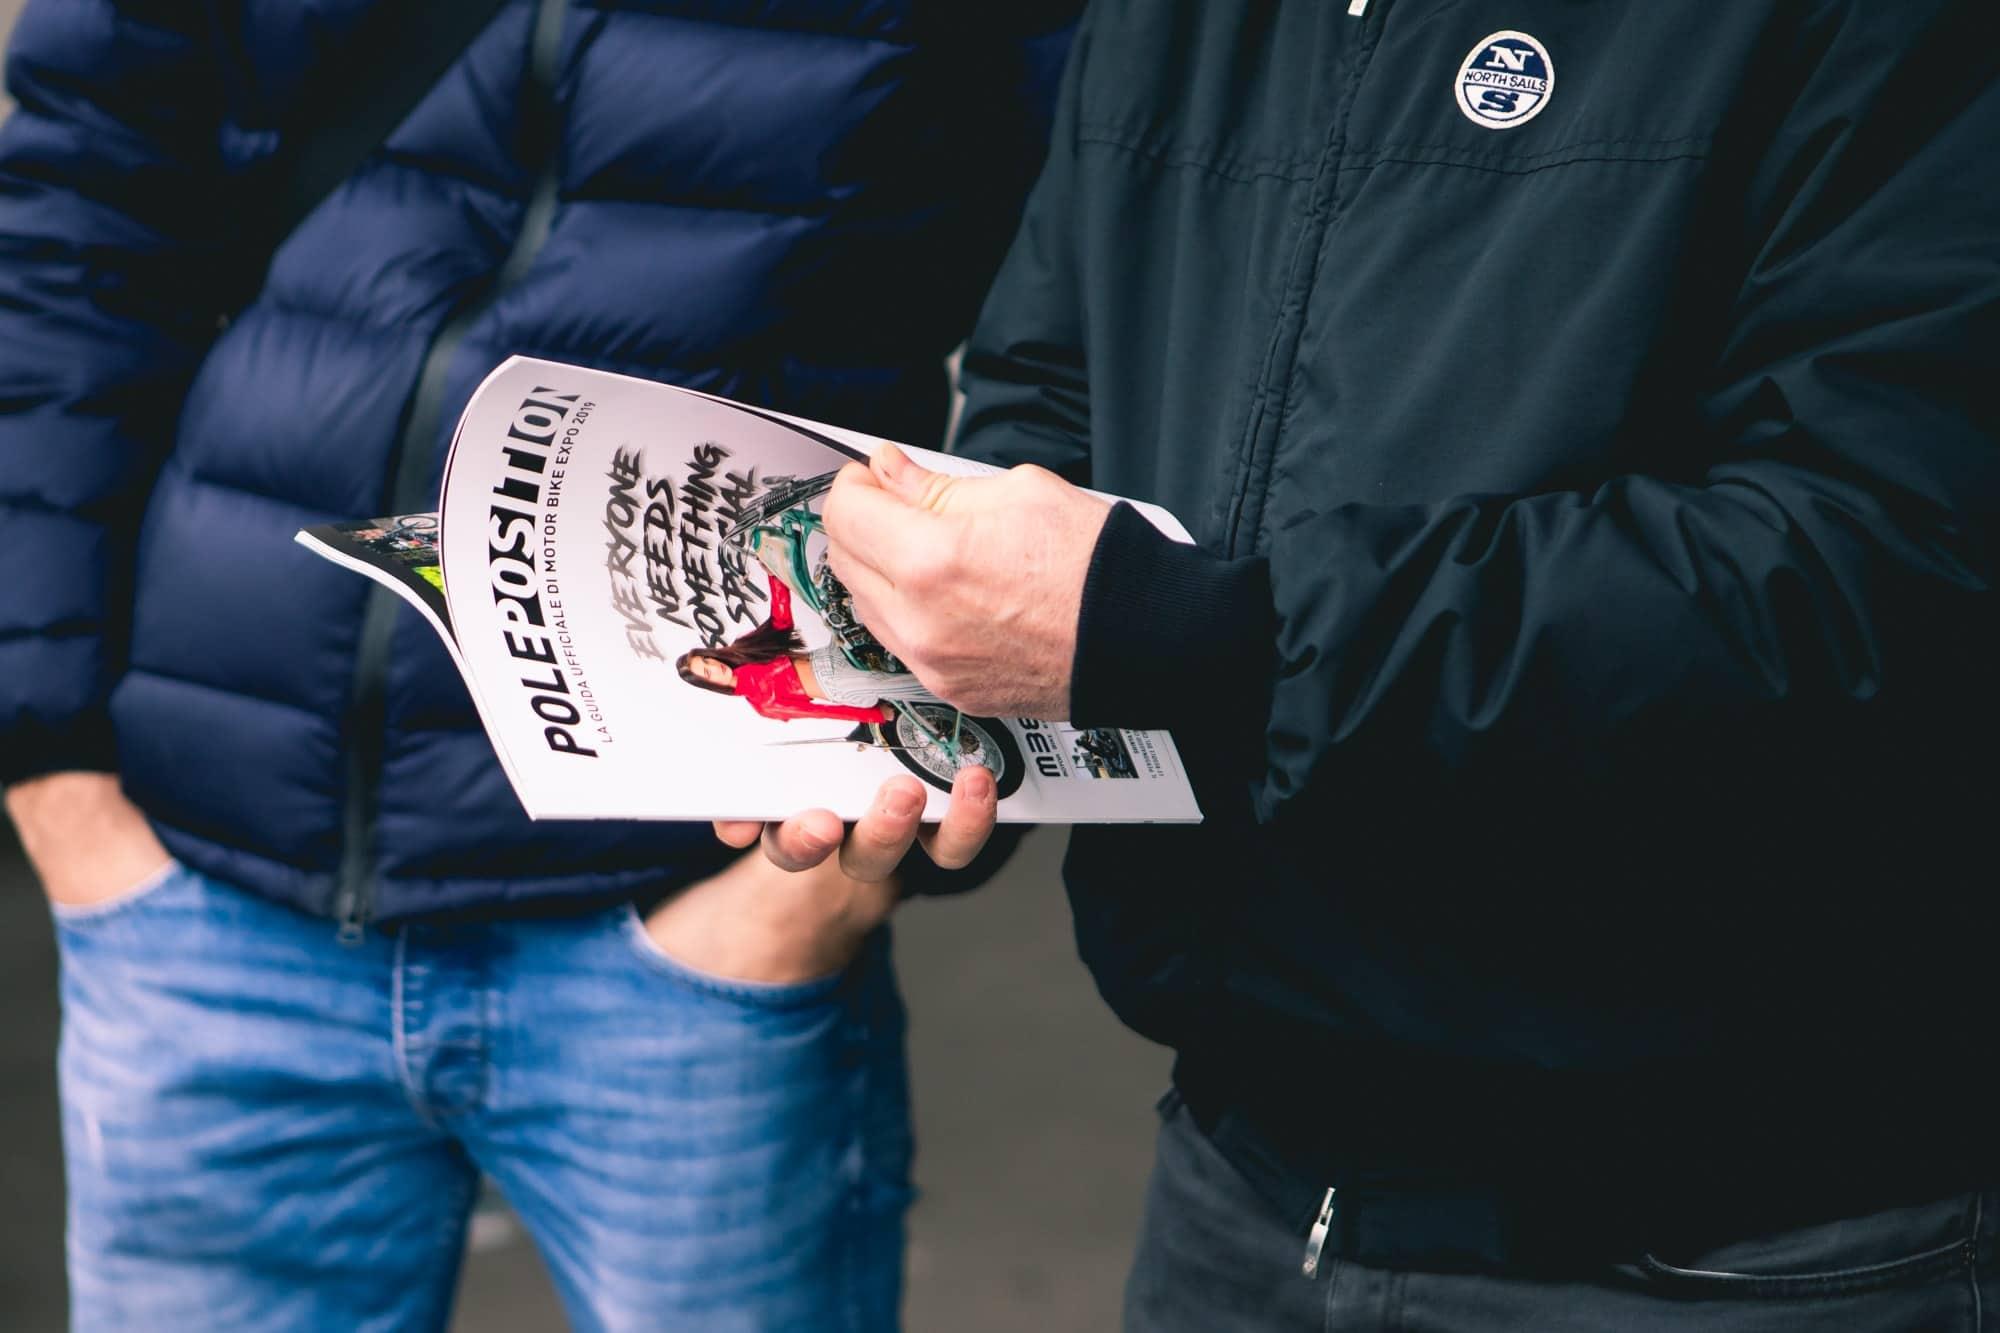 La rivista Pole Position è la guida ufficiale di Motor Bike Expo